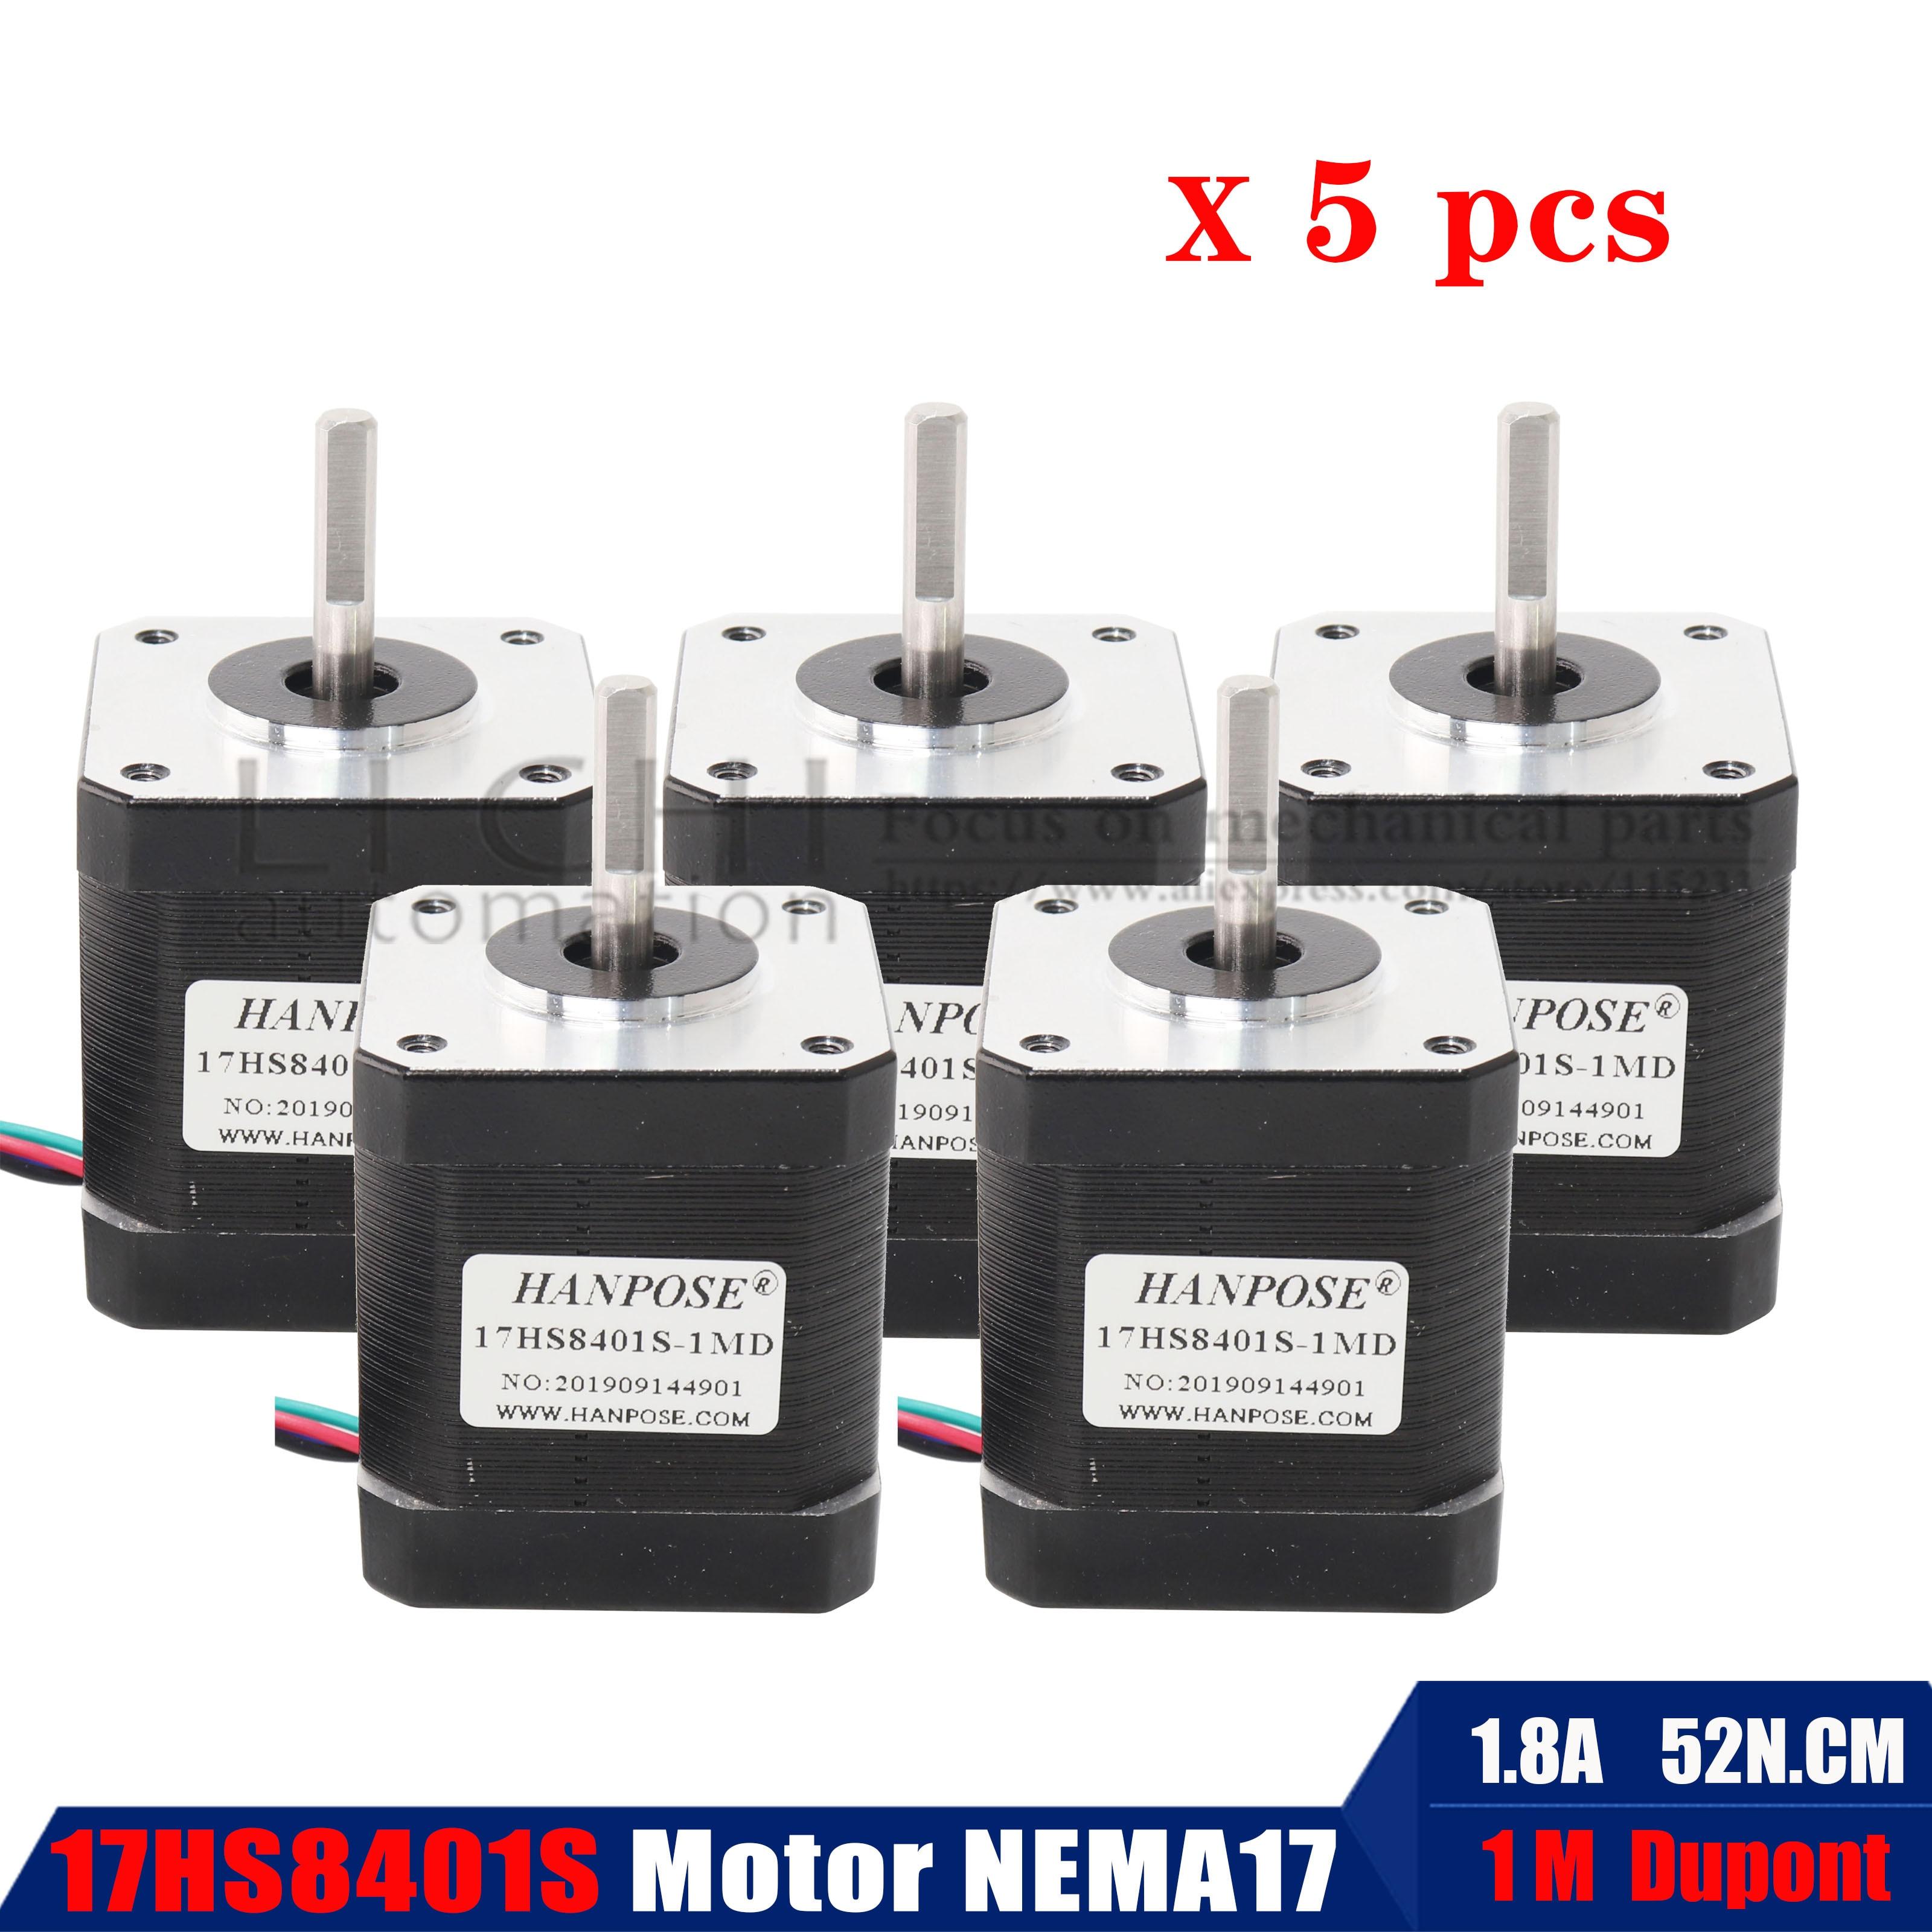 4 Lead Nema17 Stepper Motor 42 Motor Nema 17 Motor 42BYGH 48MM 1.8A (17HS8401) Motor For CNC XYZ 3d Printer Motor